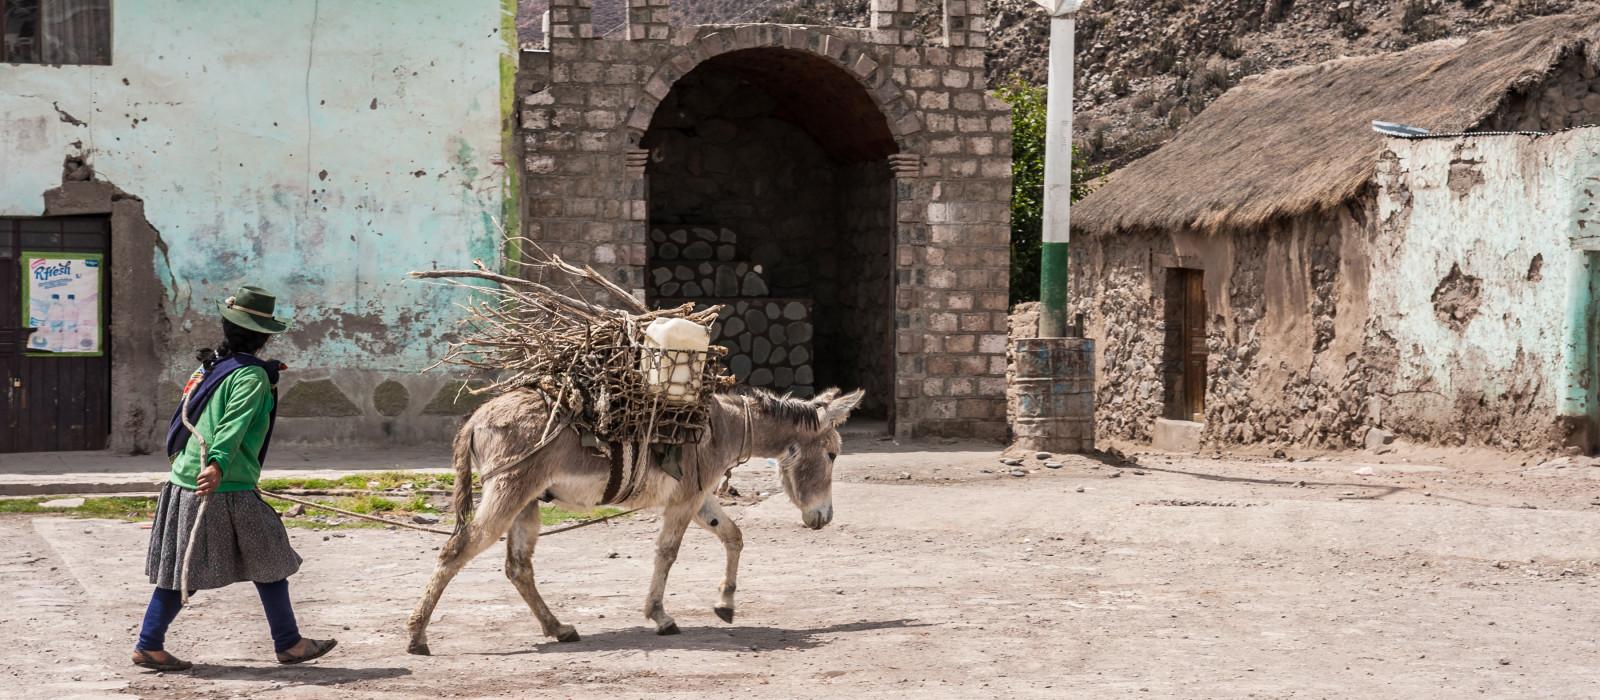 Frau führt ihren Esel mit Rückenladung am Platz von Andagua im Vulkantal, Arequipa, Peru